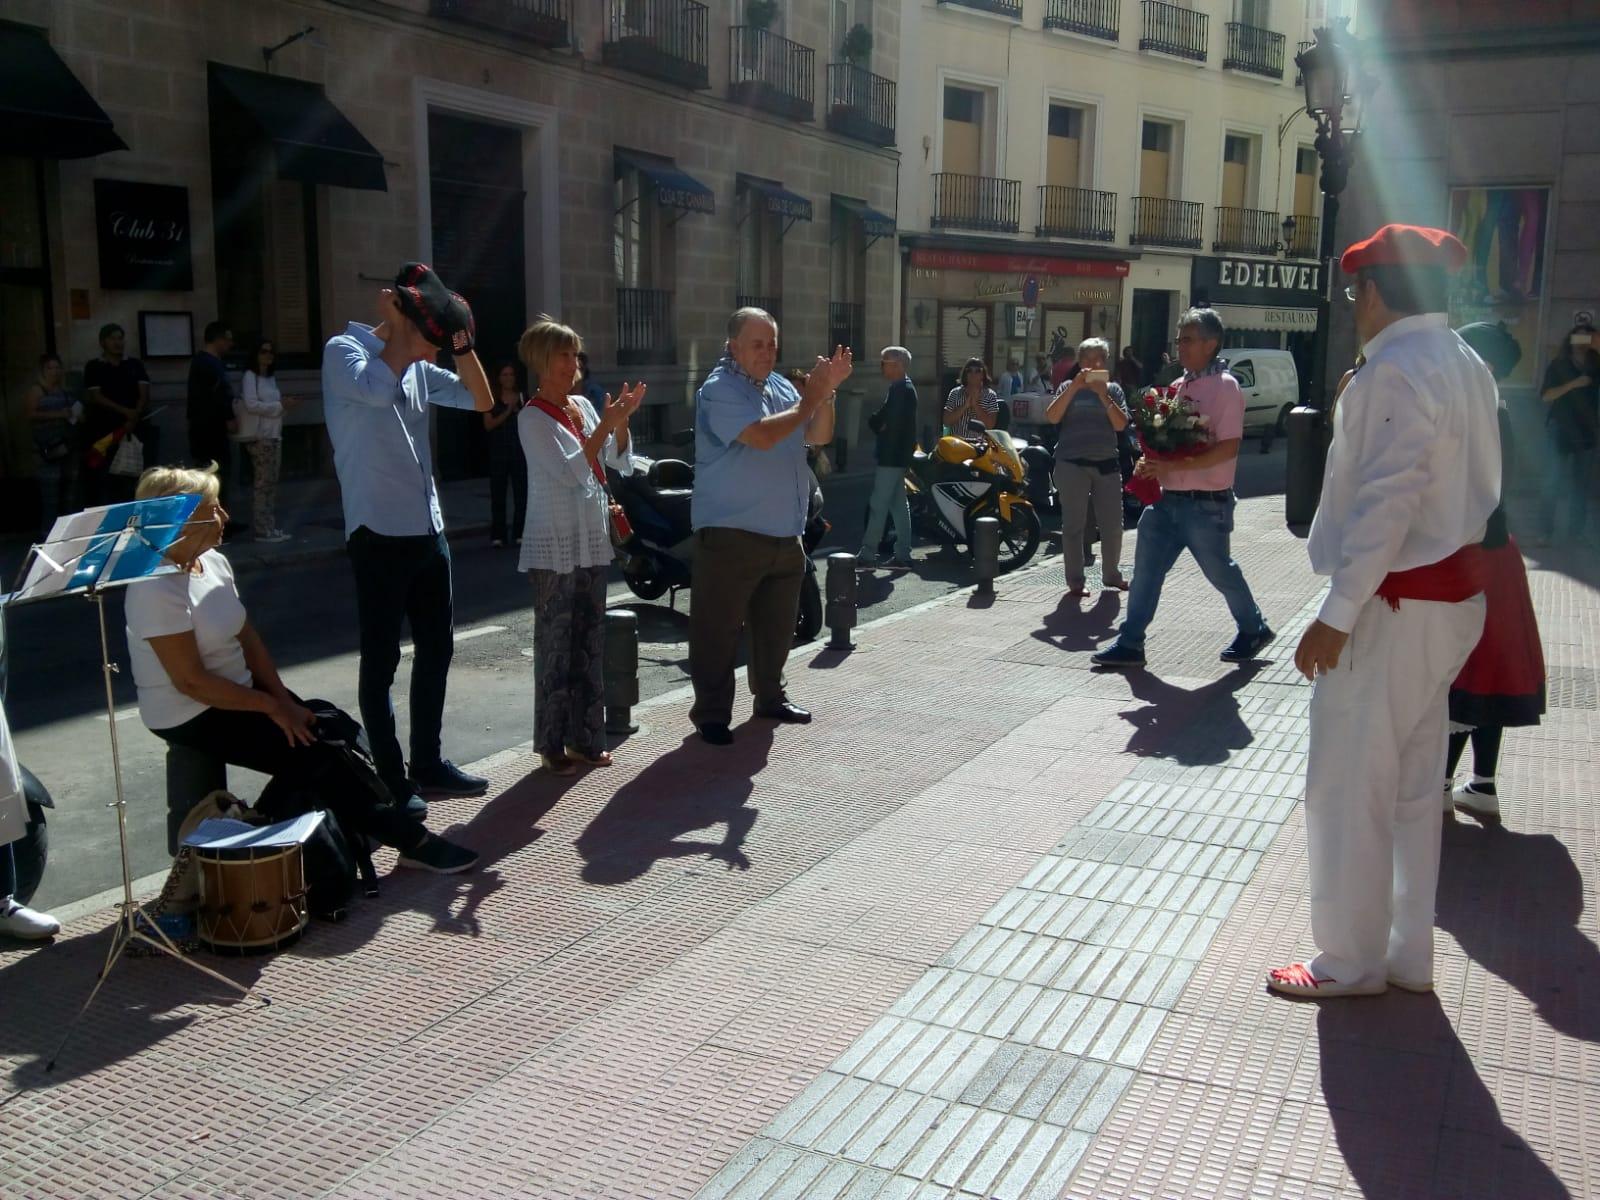 Madrid_08.jpg